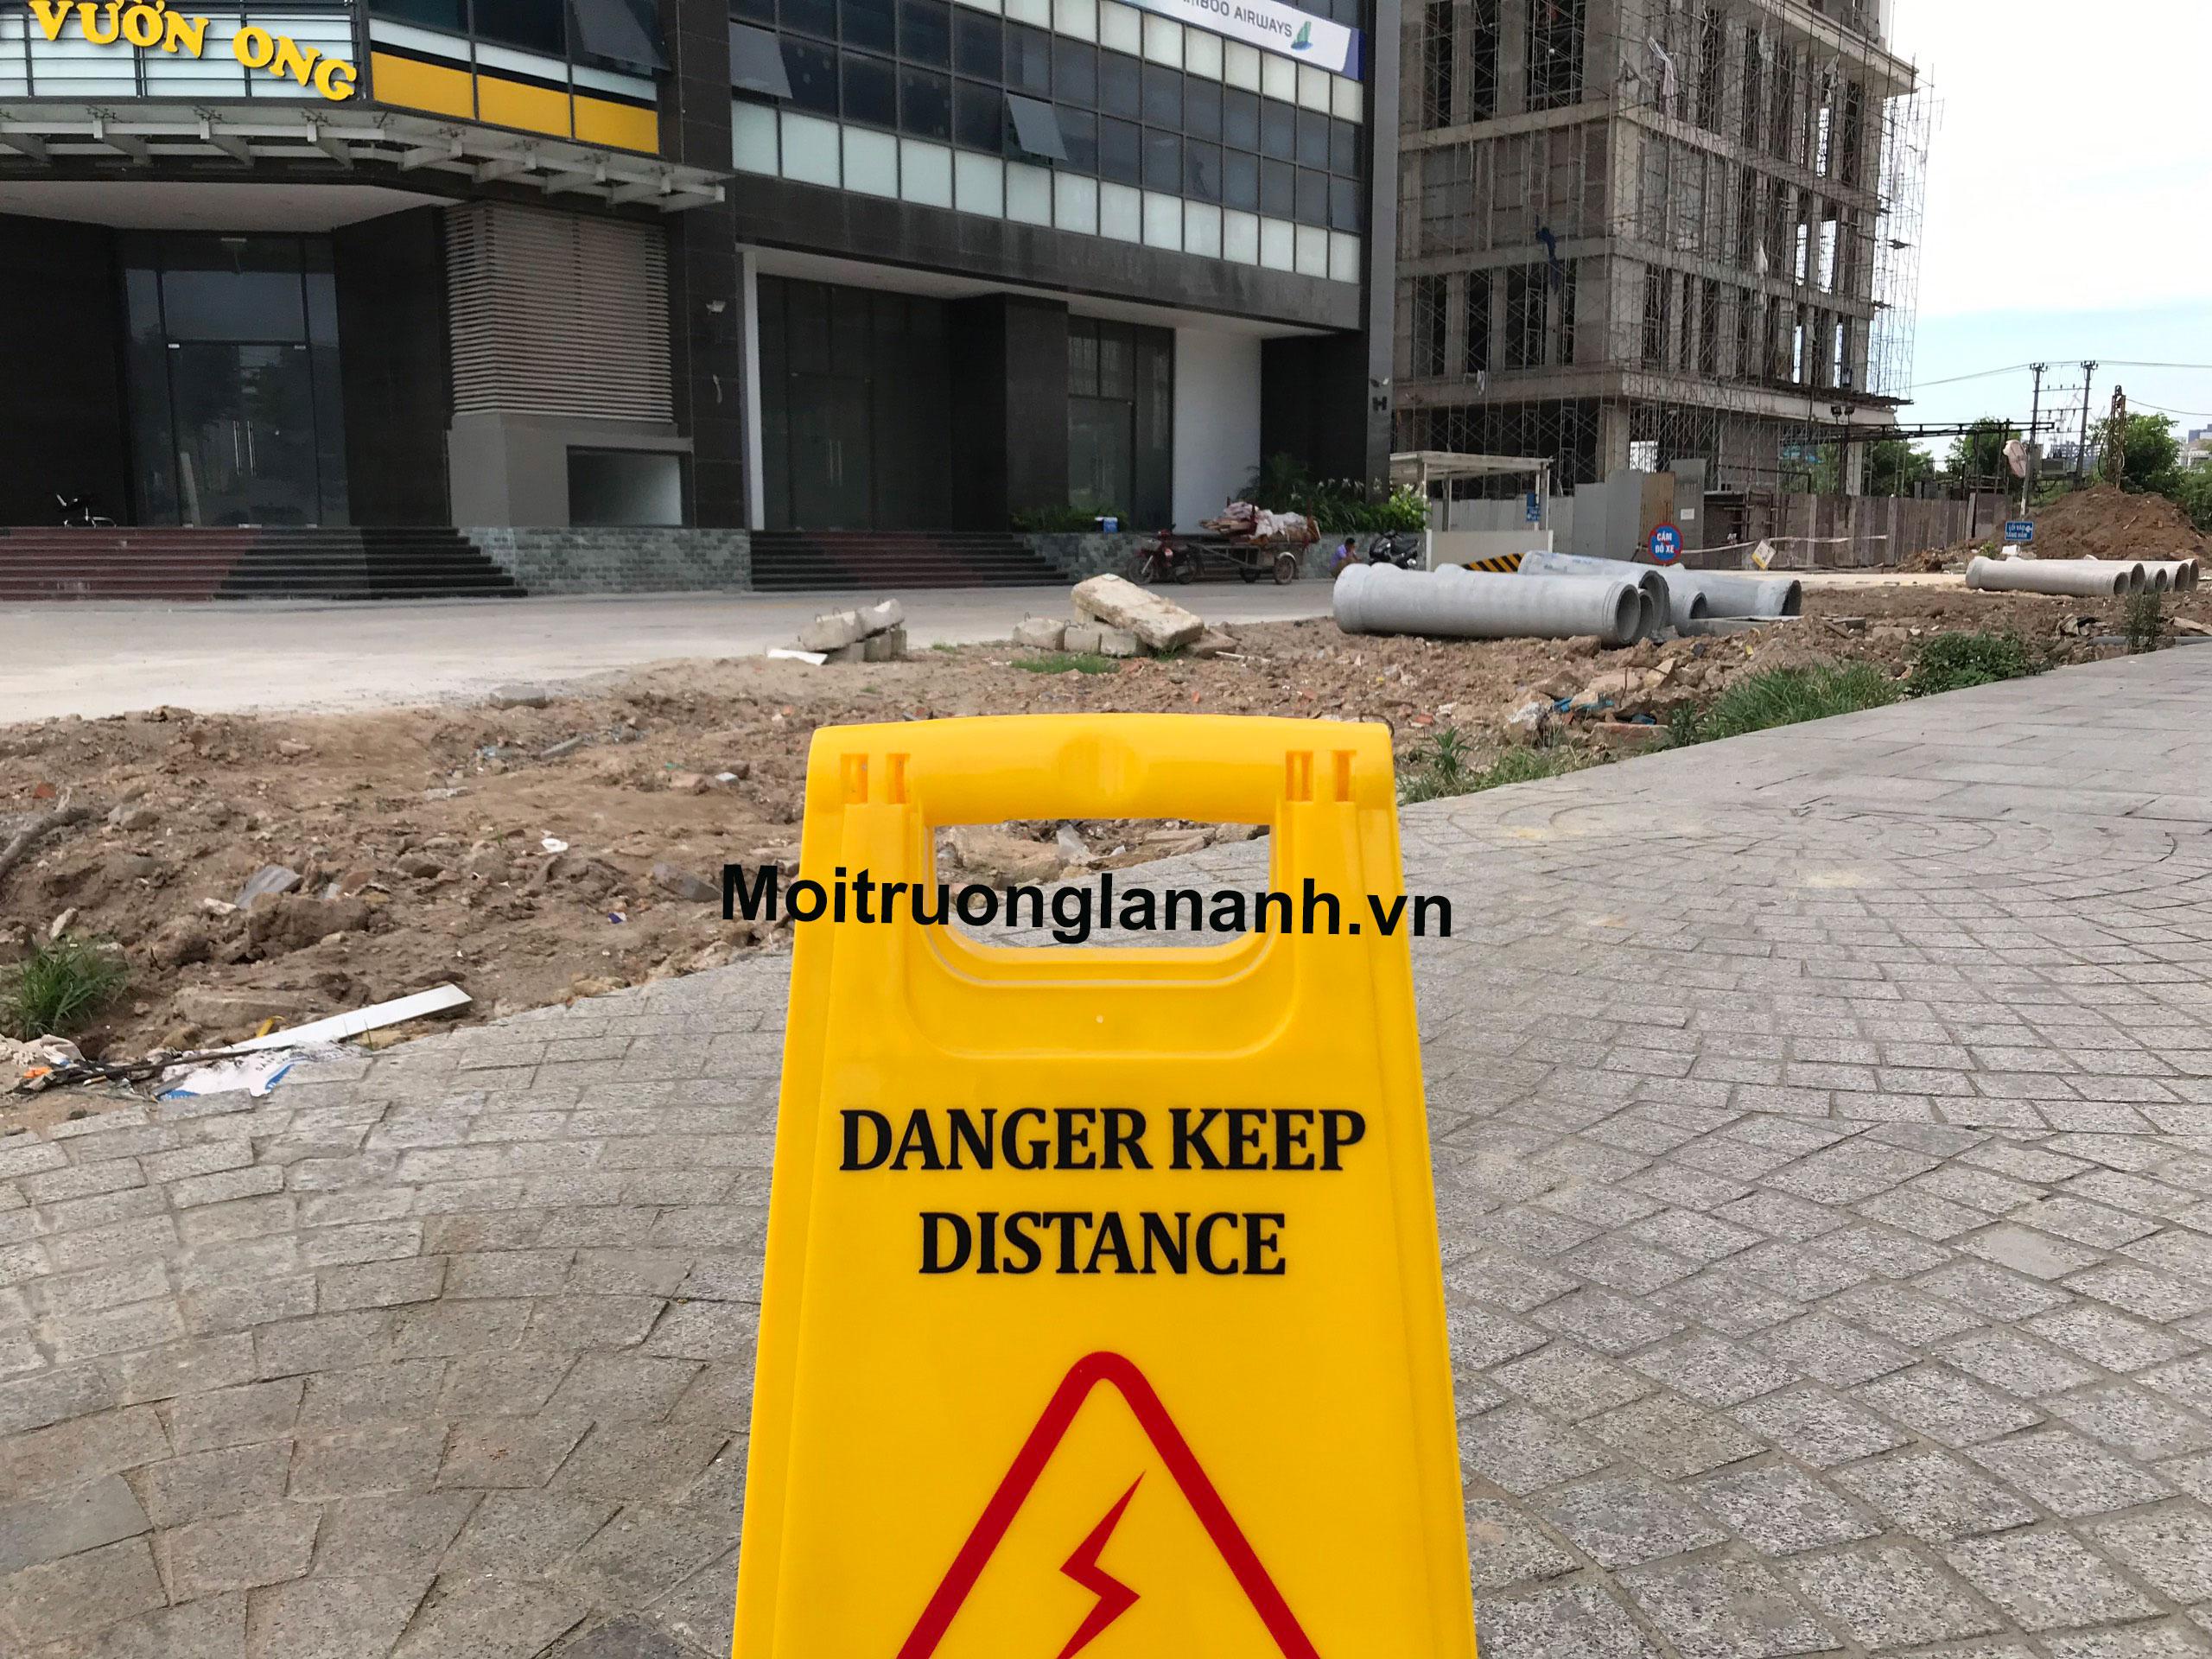 Biển báo sàn chú ý nơi nguy hiểm